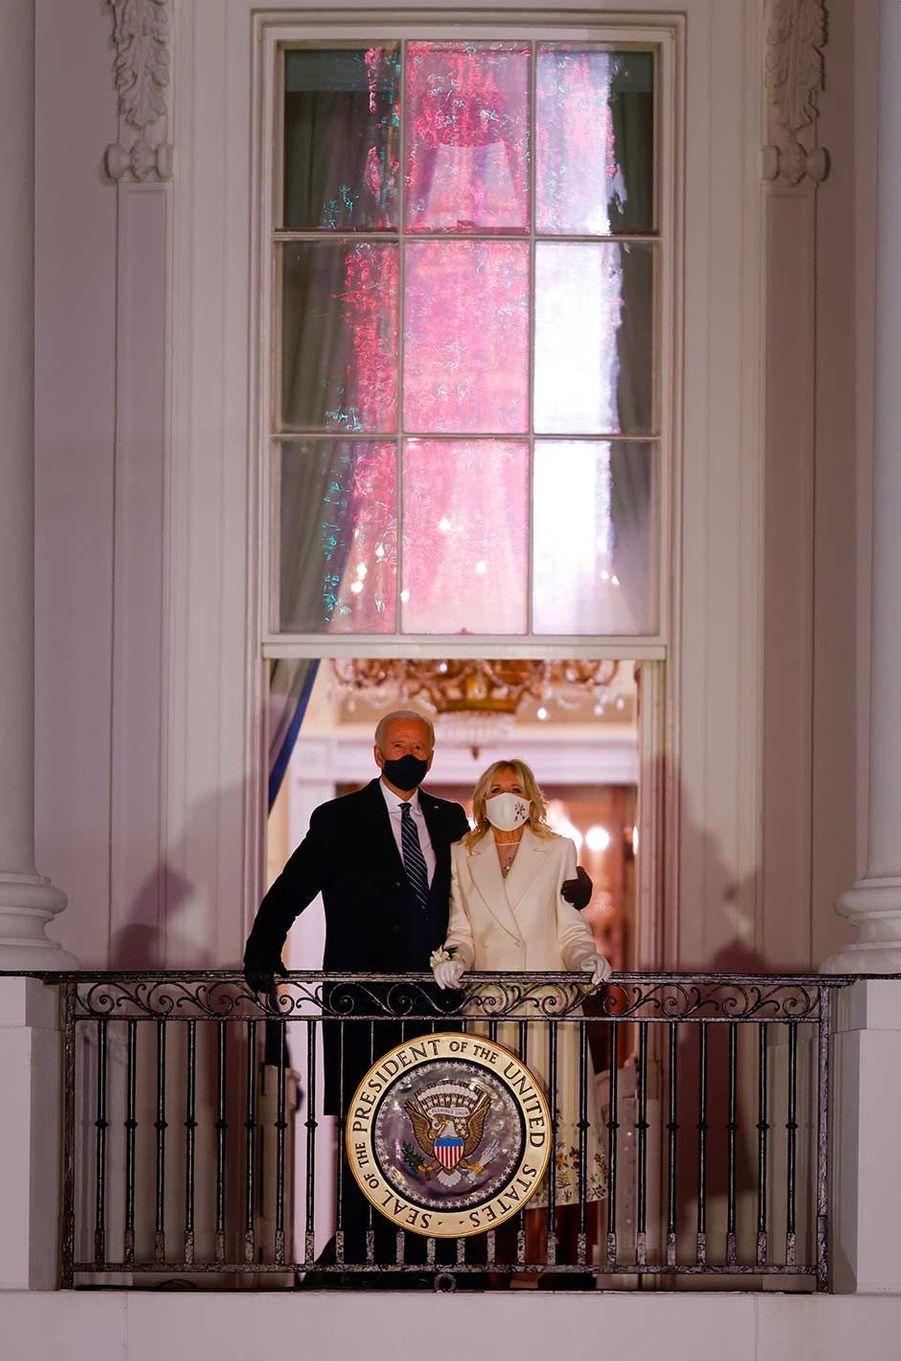 La famille Biden a assisté au feu d'artifice depuis le balcon de la Maison-Blanche, le 20 janvier 2021.